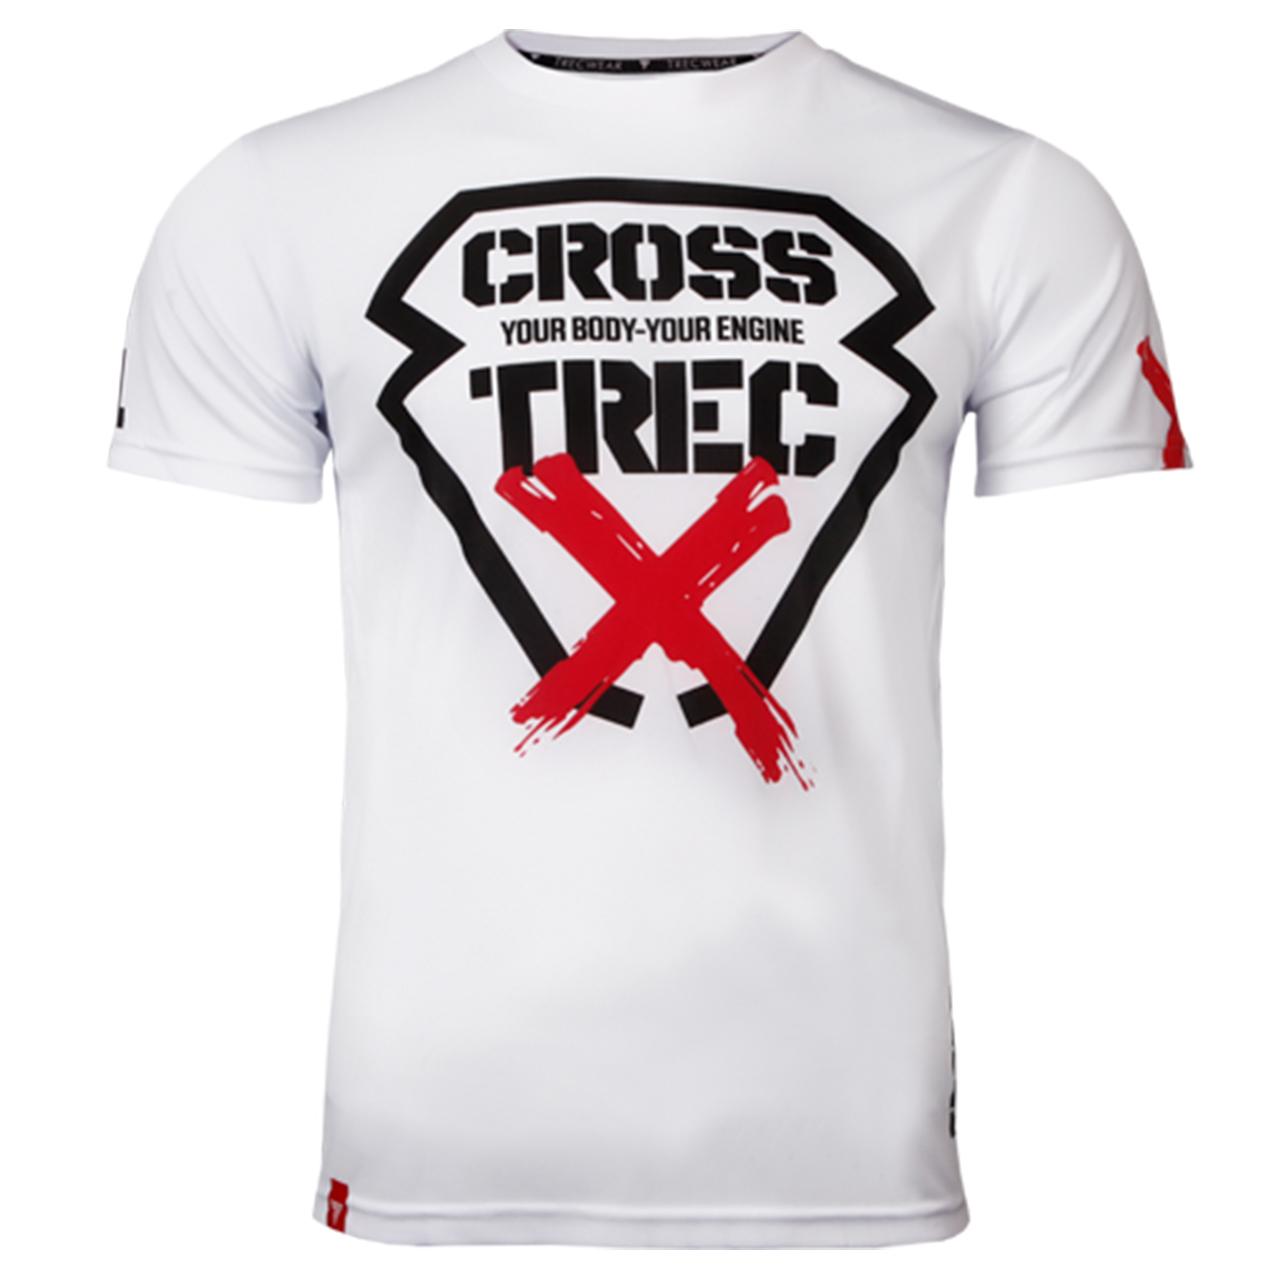 تیشرت ورزشی مردانه ترِک ویر مدل Cooltrec 011 Cross White